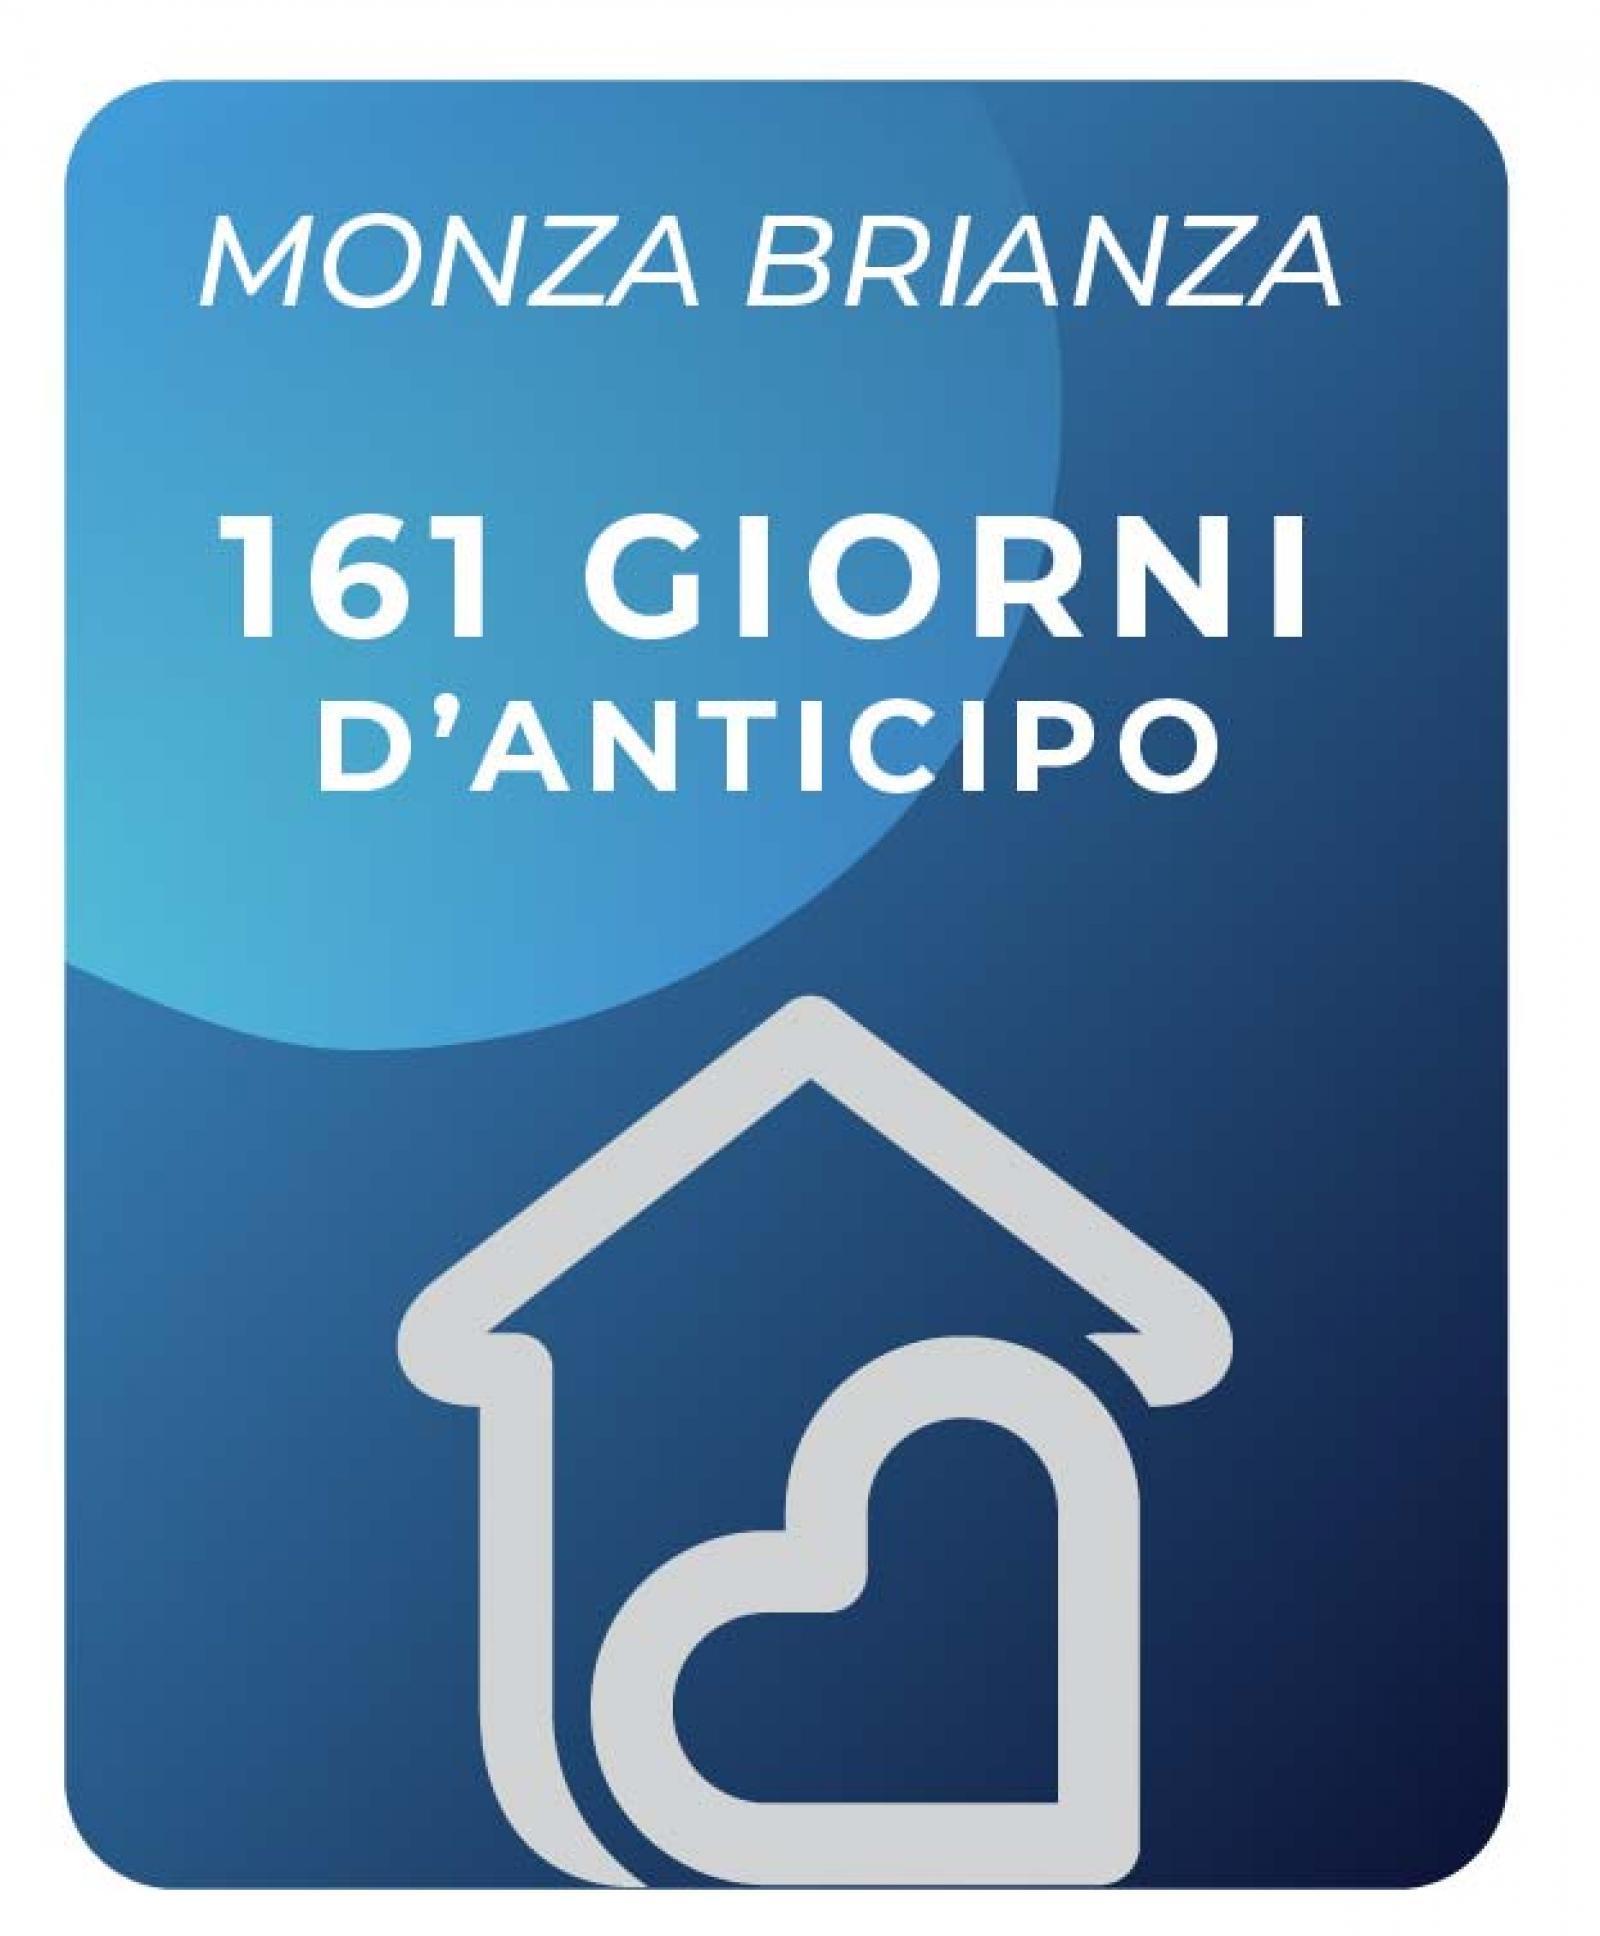 Monza Brianza